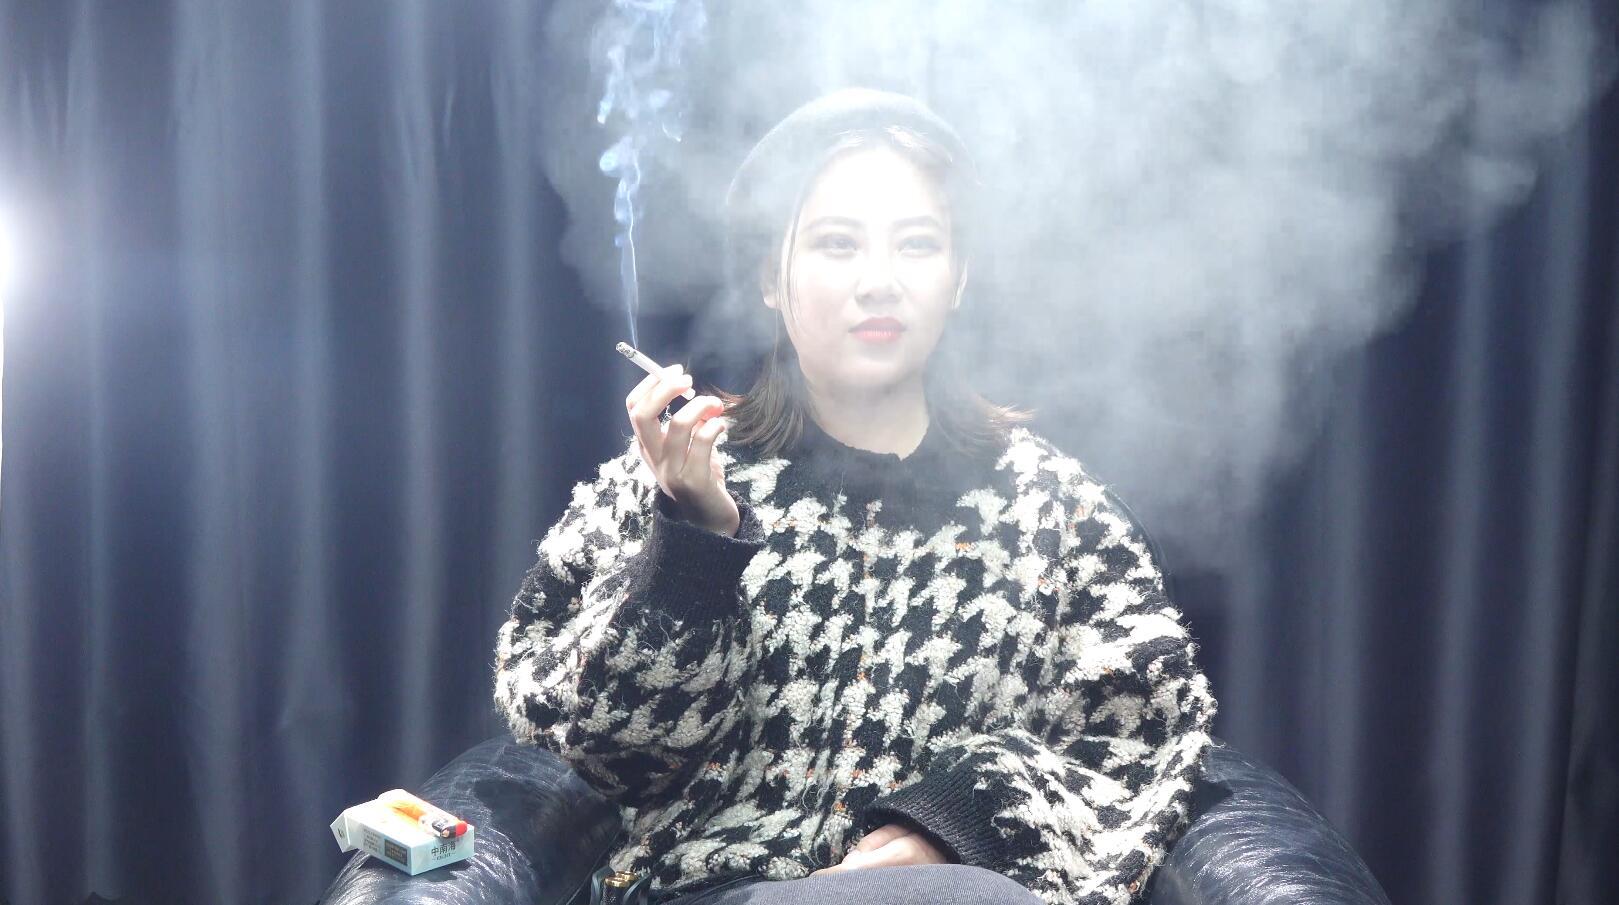 超有气质的漂亮姐姐吸烟